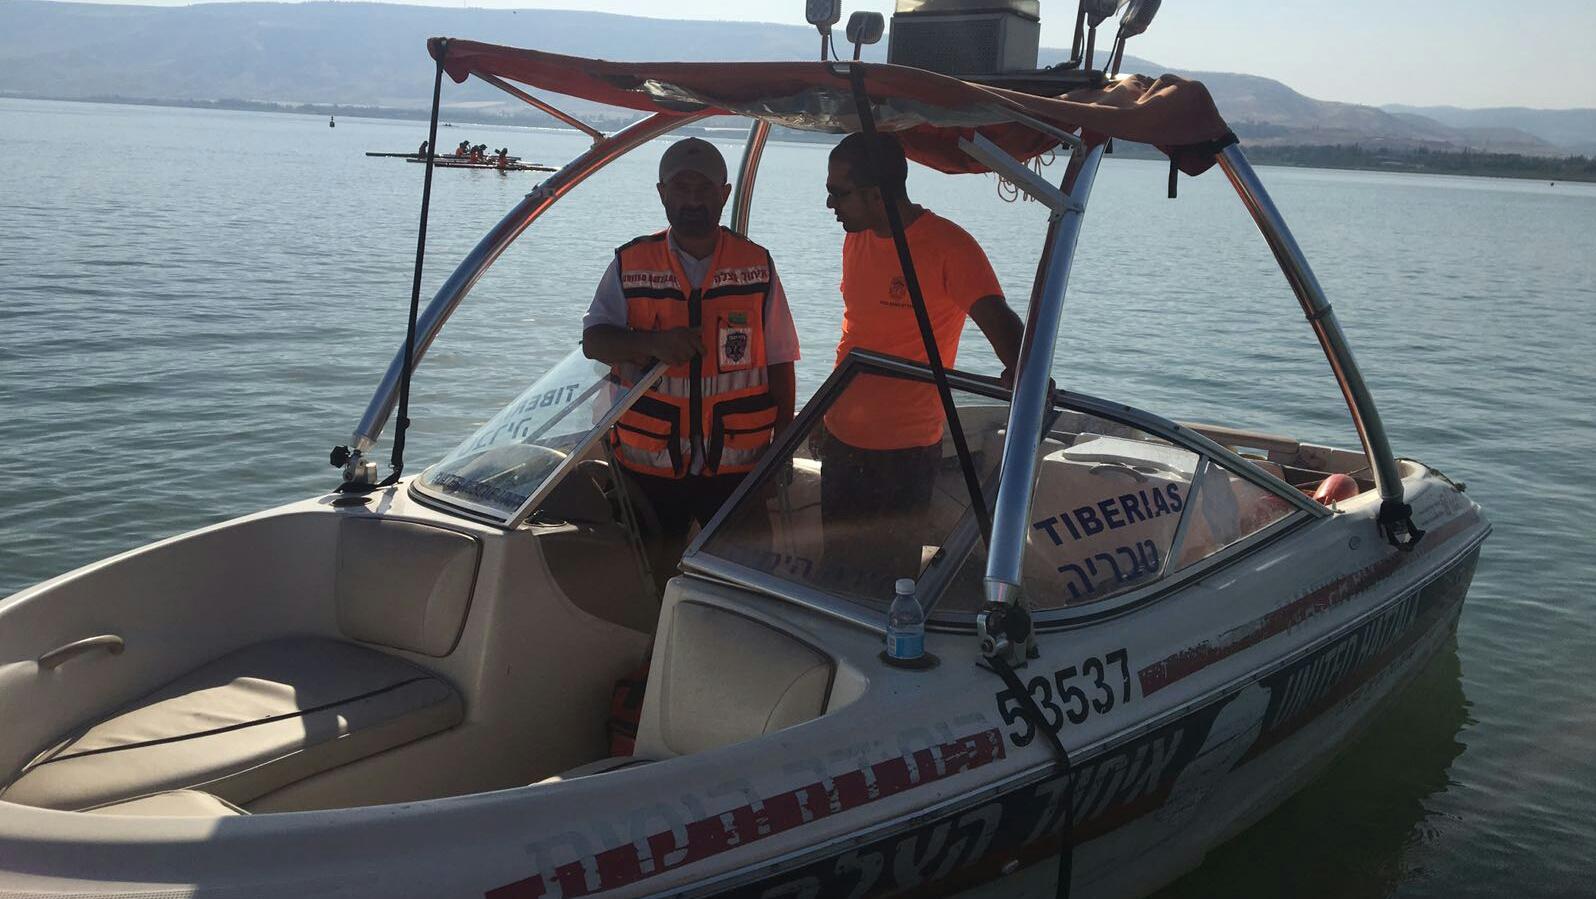 צפו: סירת איחוד הצלה טבריה משתתפת באבטחת תחרויות המכבייה ה-20 בכנרת